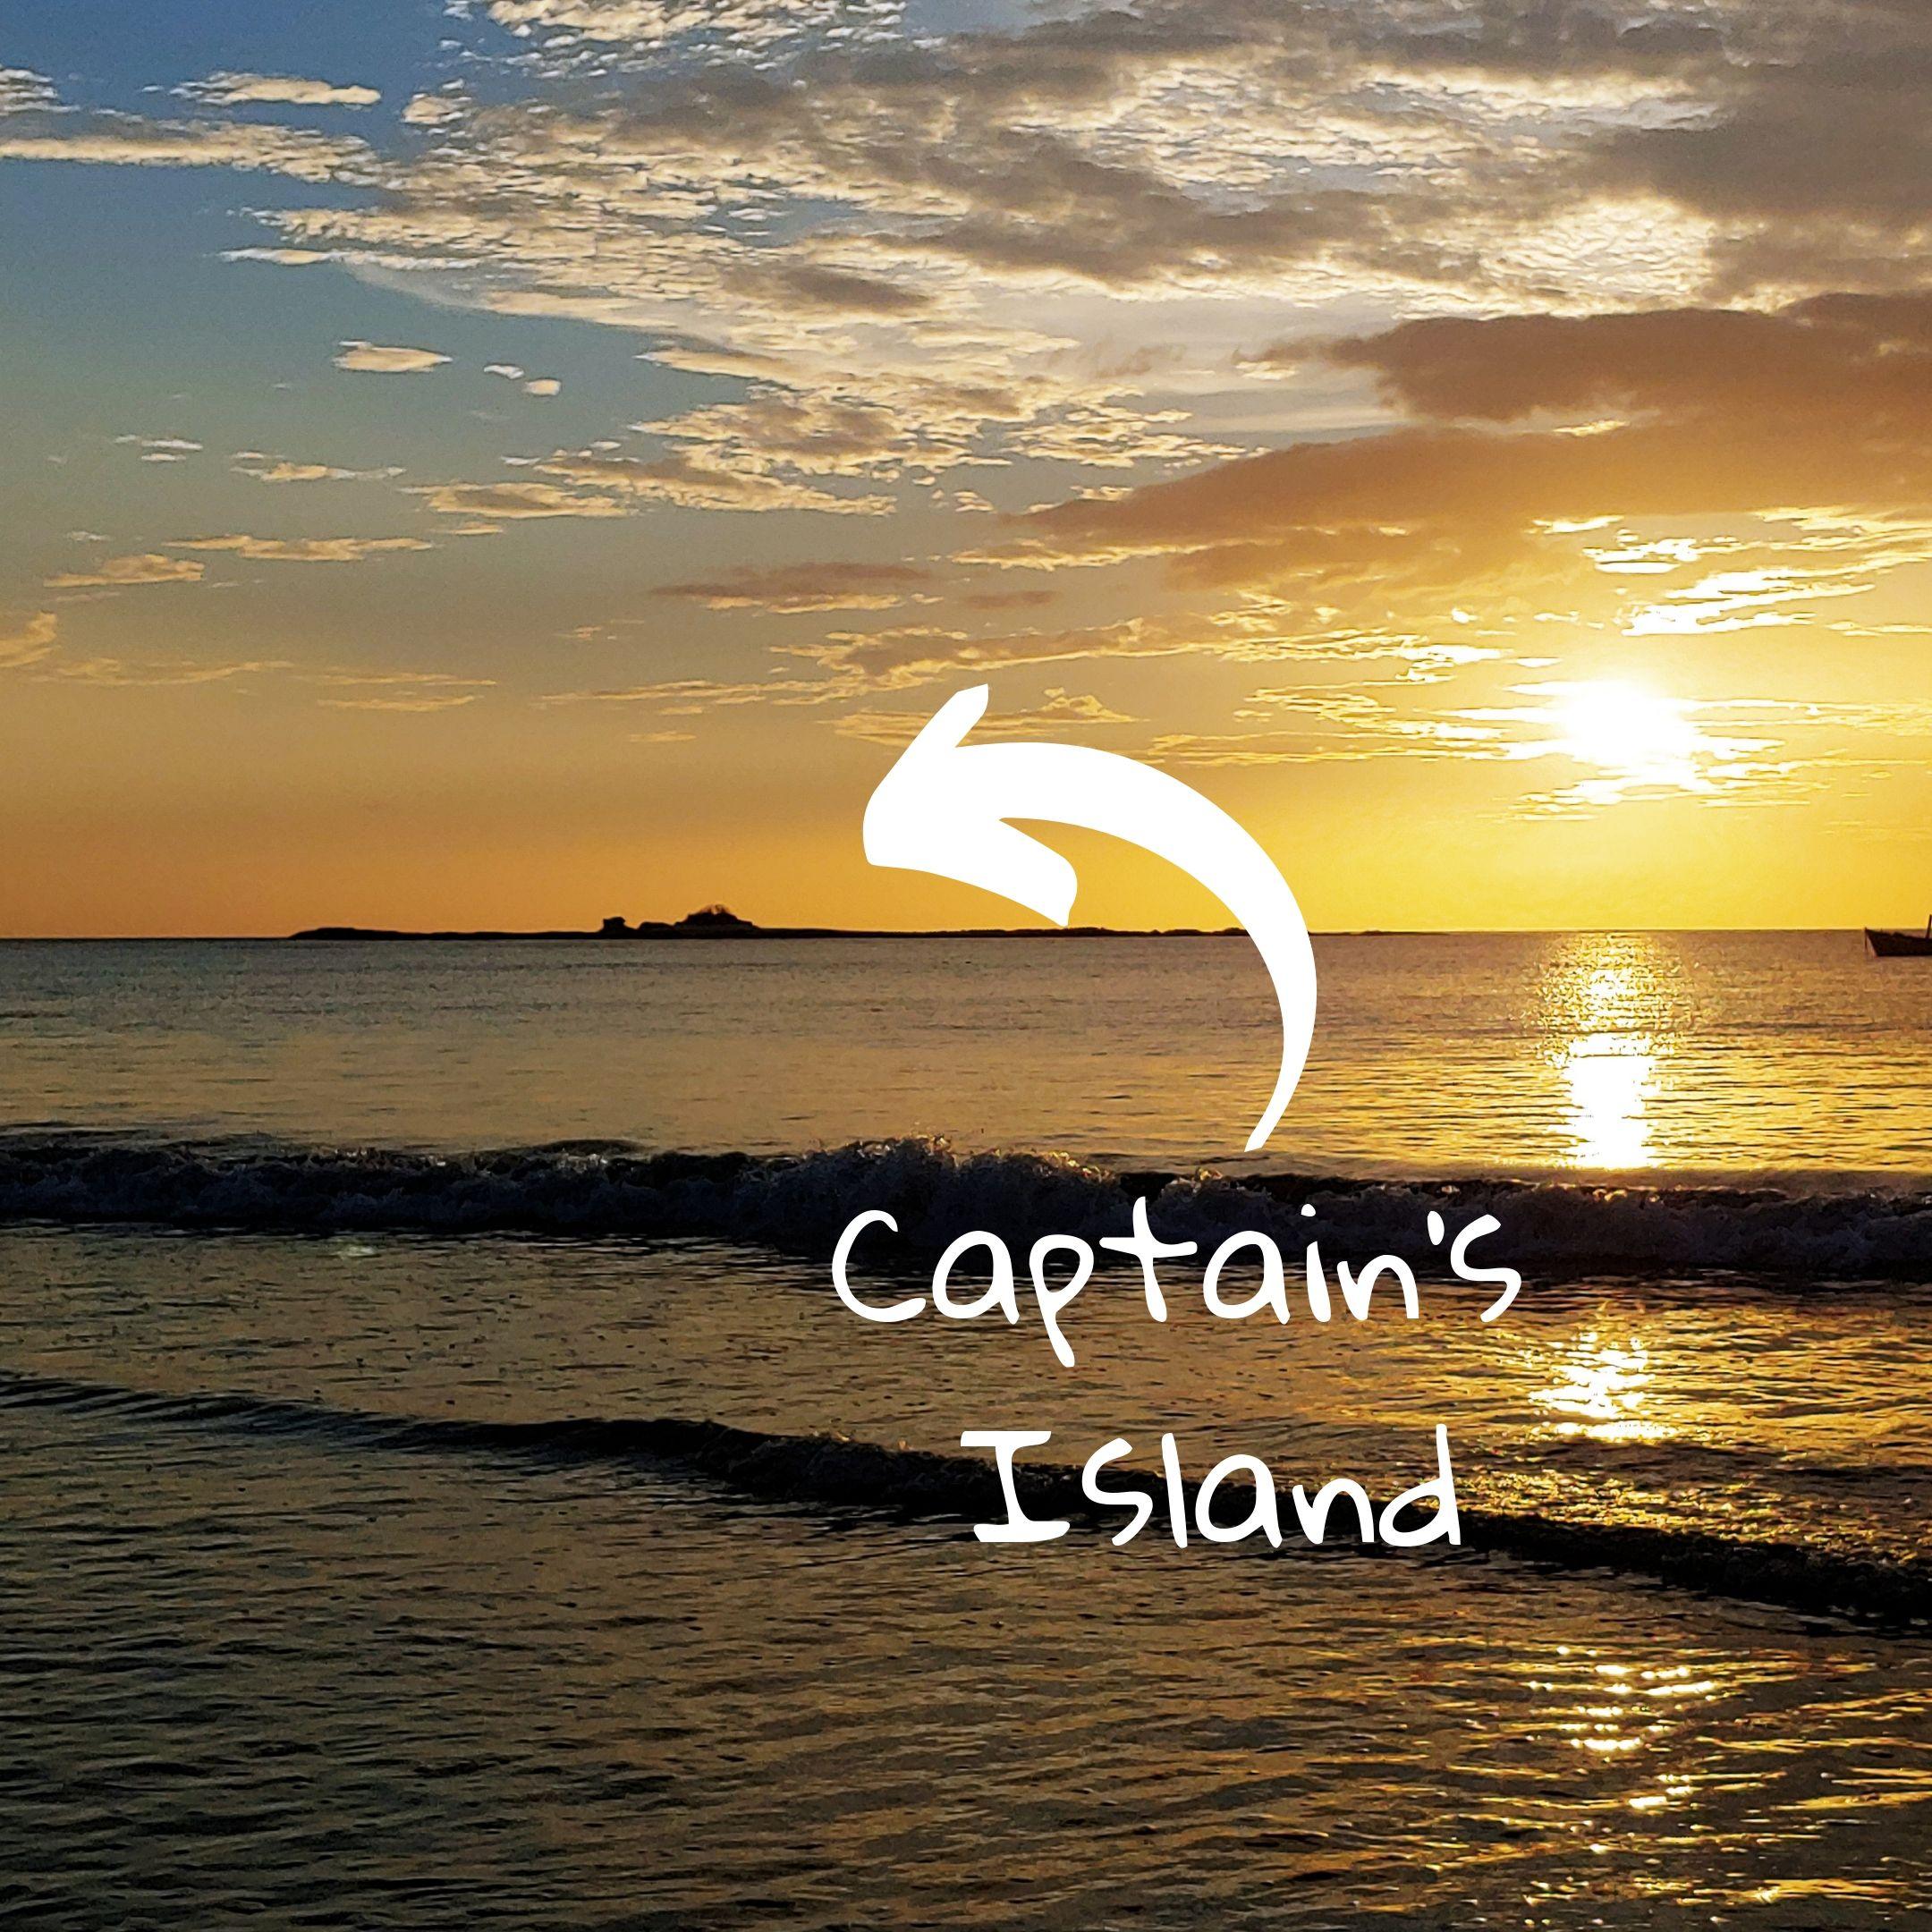 Captain's Island.jpg